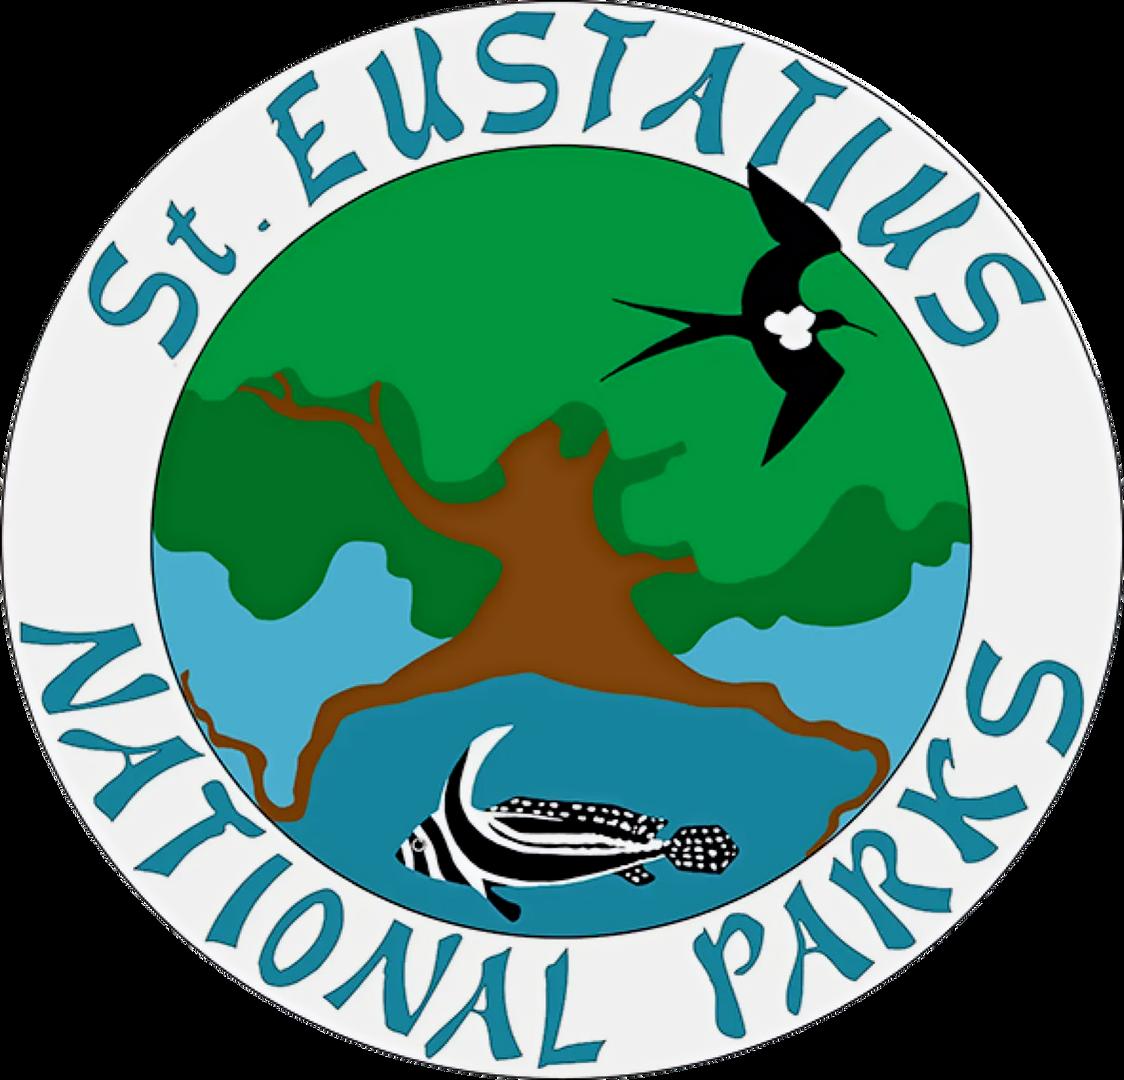 stenapa logo_edited.png